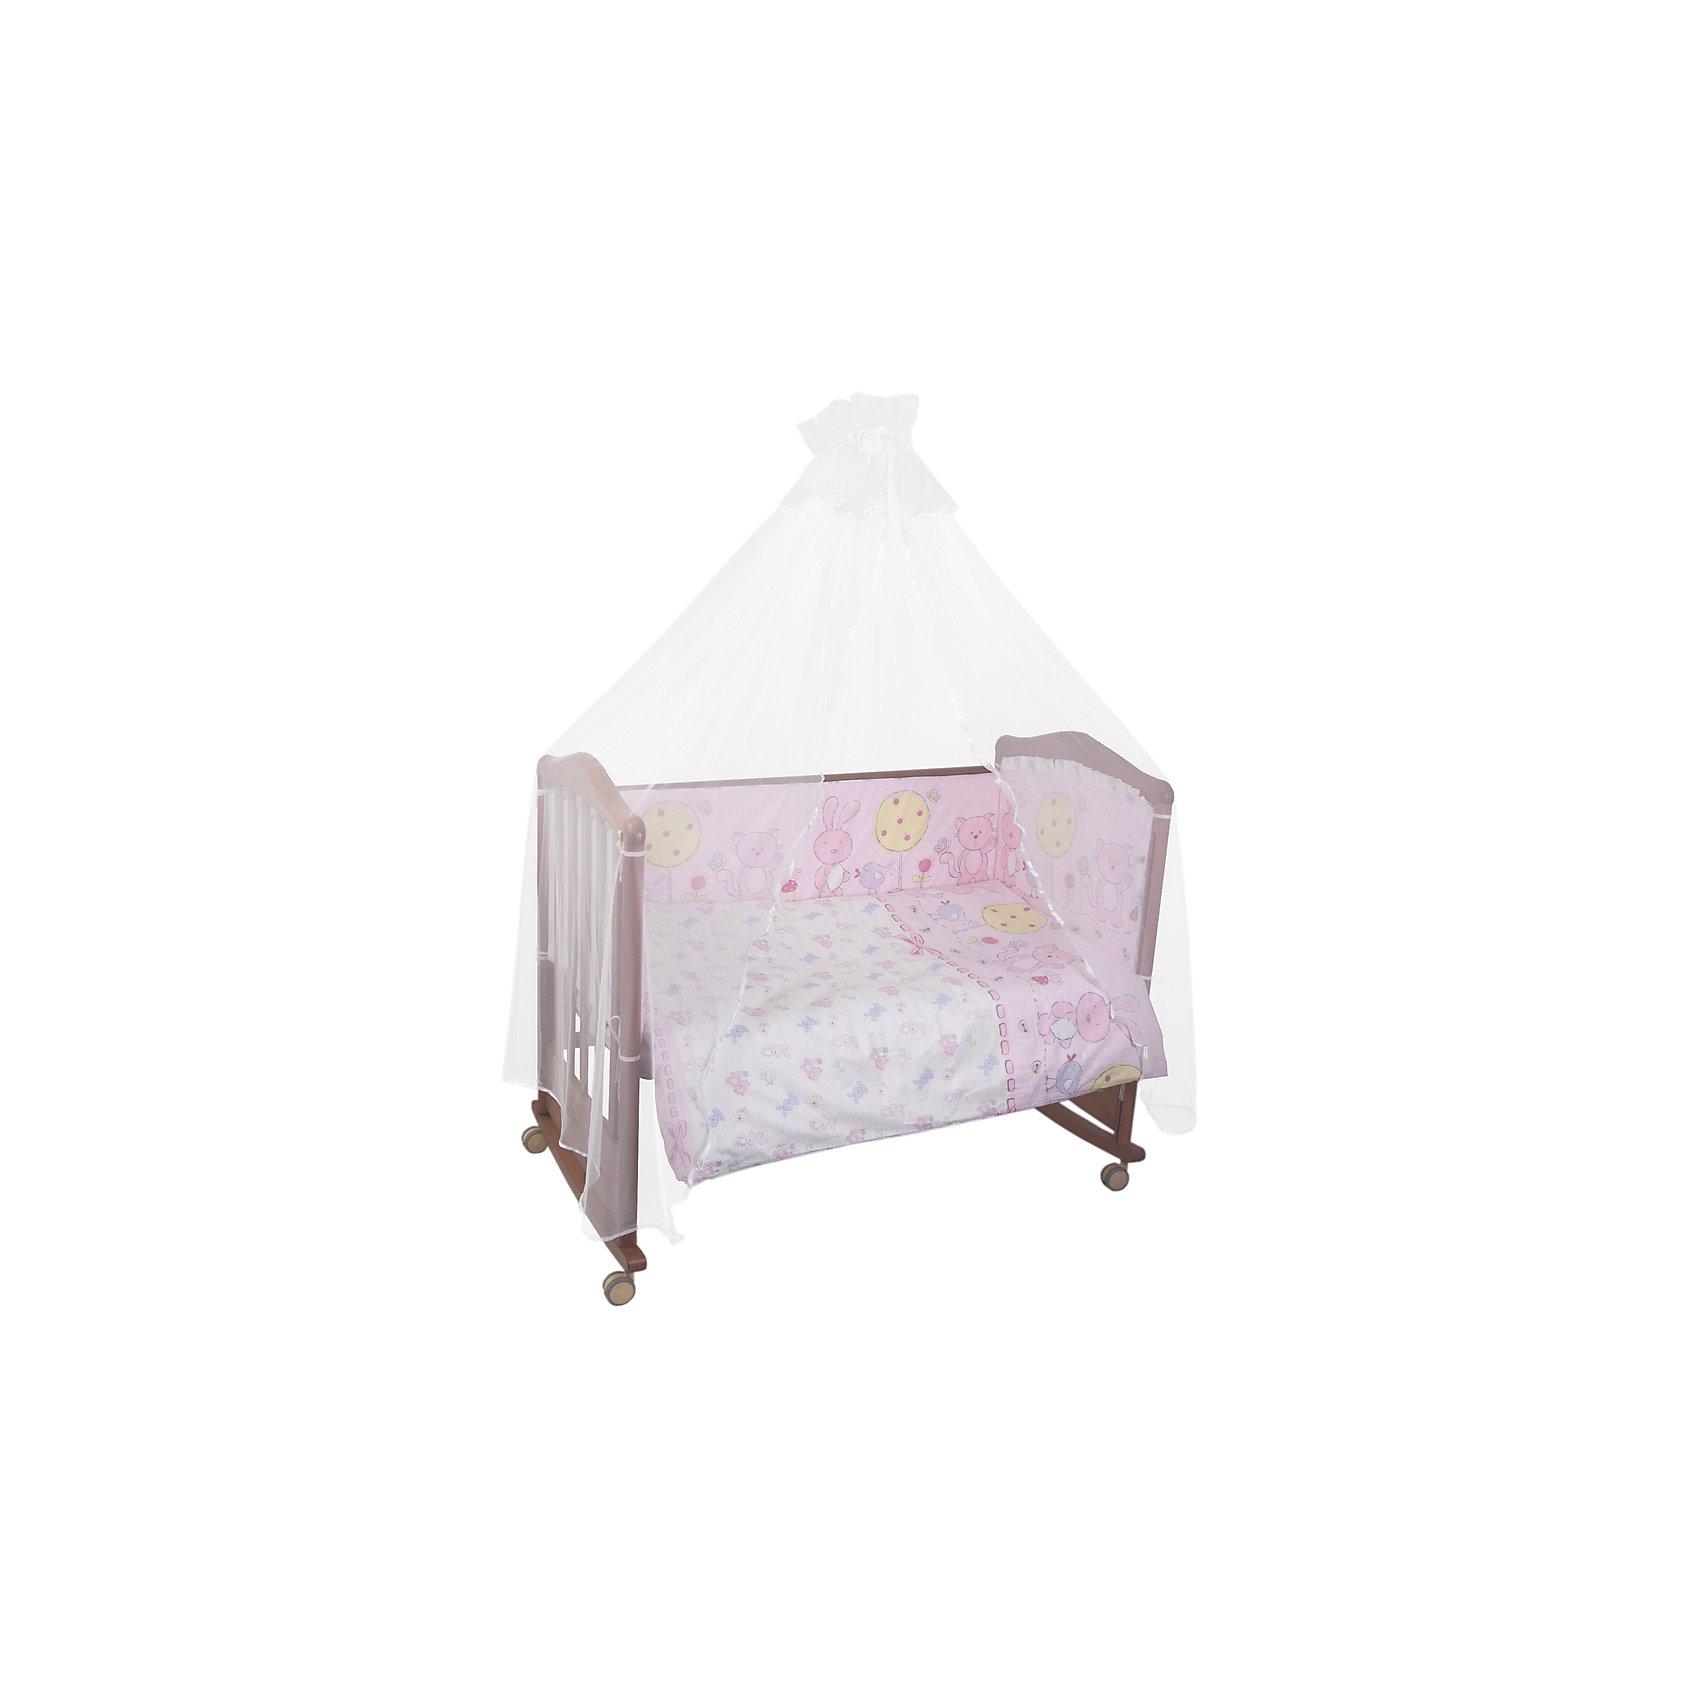 Сонный гномик Постельное белье Акварель 7 пред, Сонный гномик, розовый chevrolet lacetti руководство по эксплуатации ремонту и техническому обслуживанию